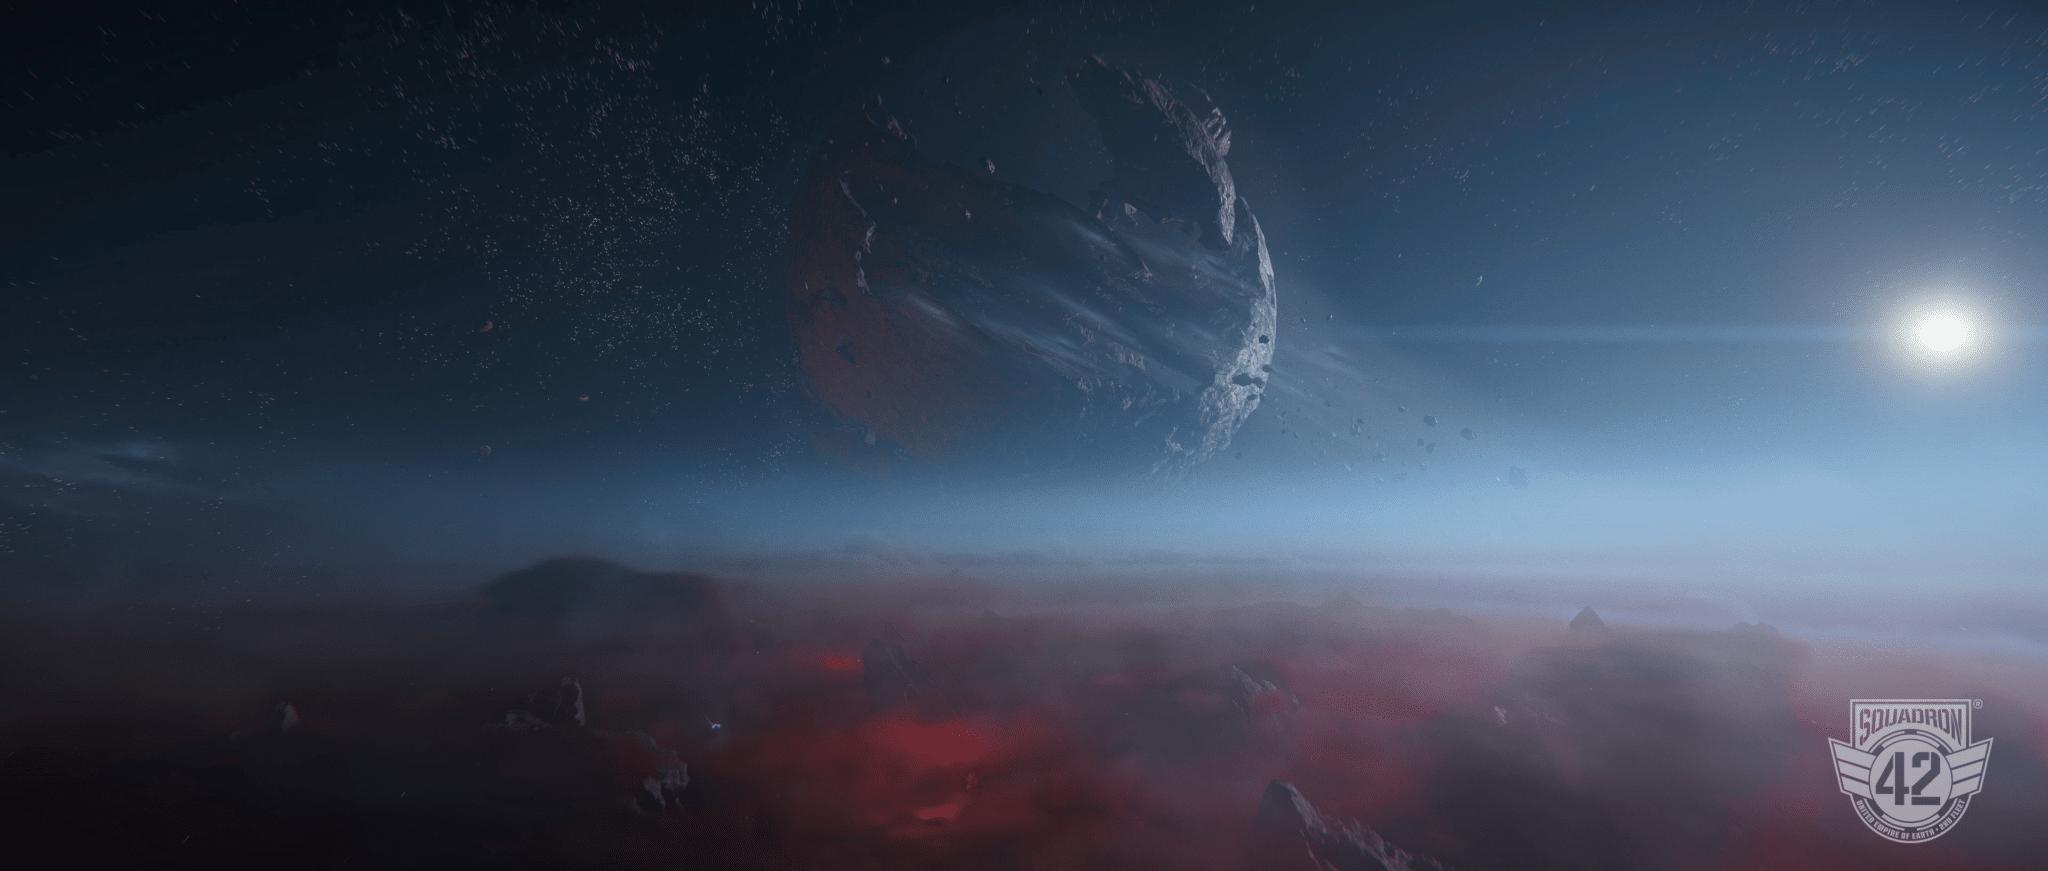 Für solche Welten kann man durchaus auch mal von vorn beginnen. © Cloud Imperium Games